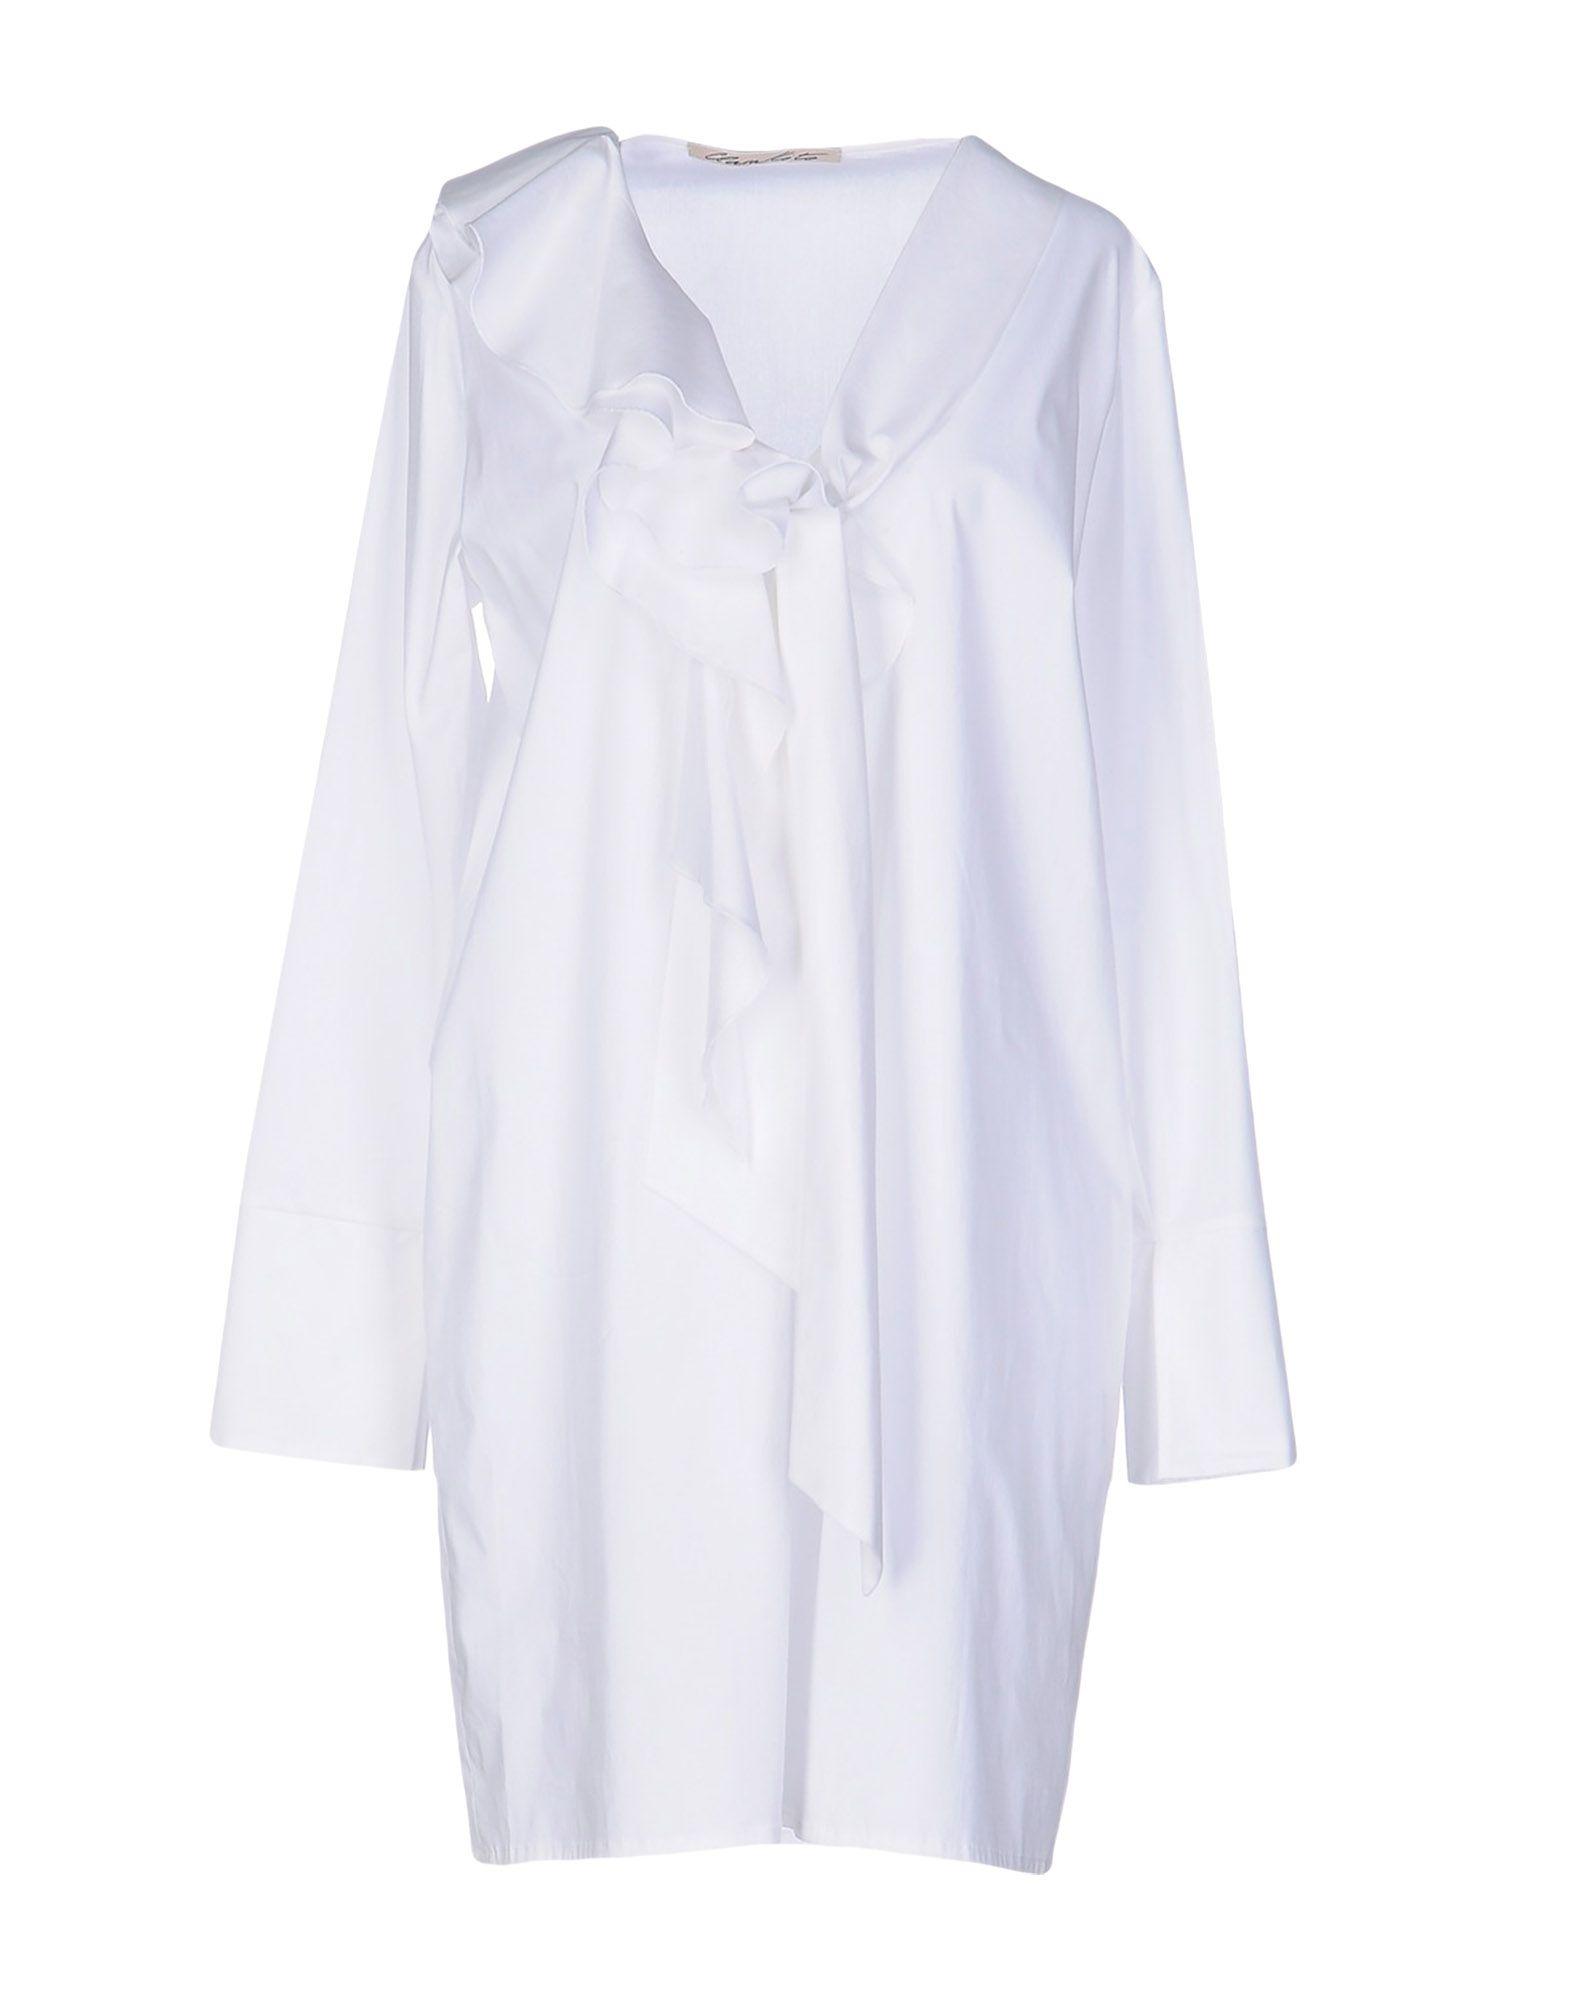 Vestito Corto Clara Kito Donna - Acquista online su IHf2m